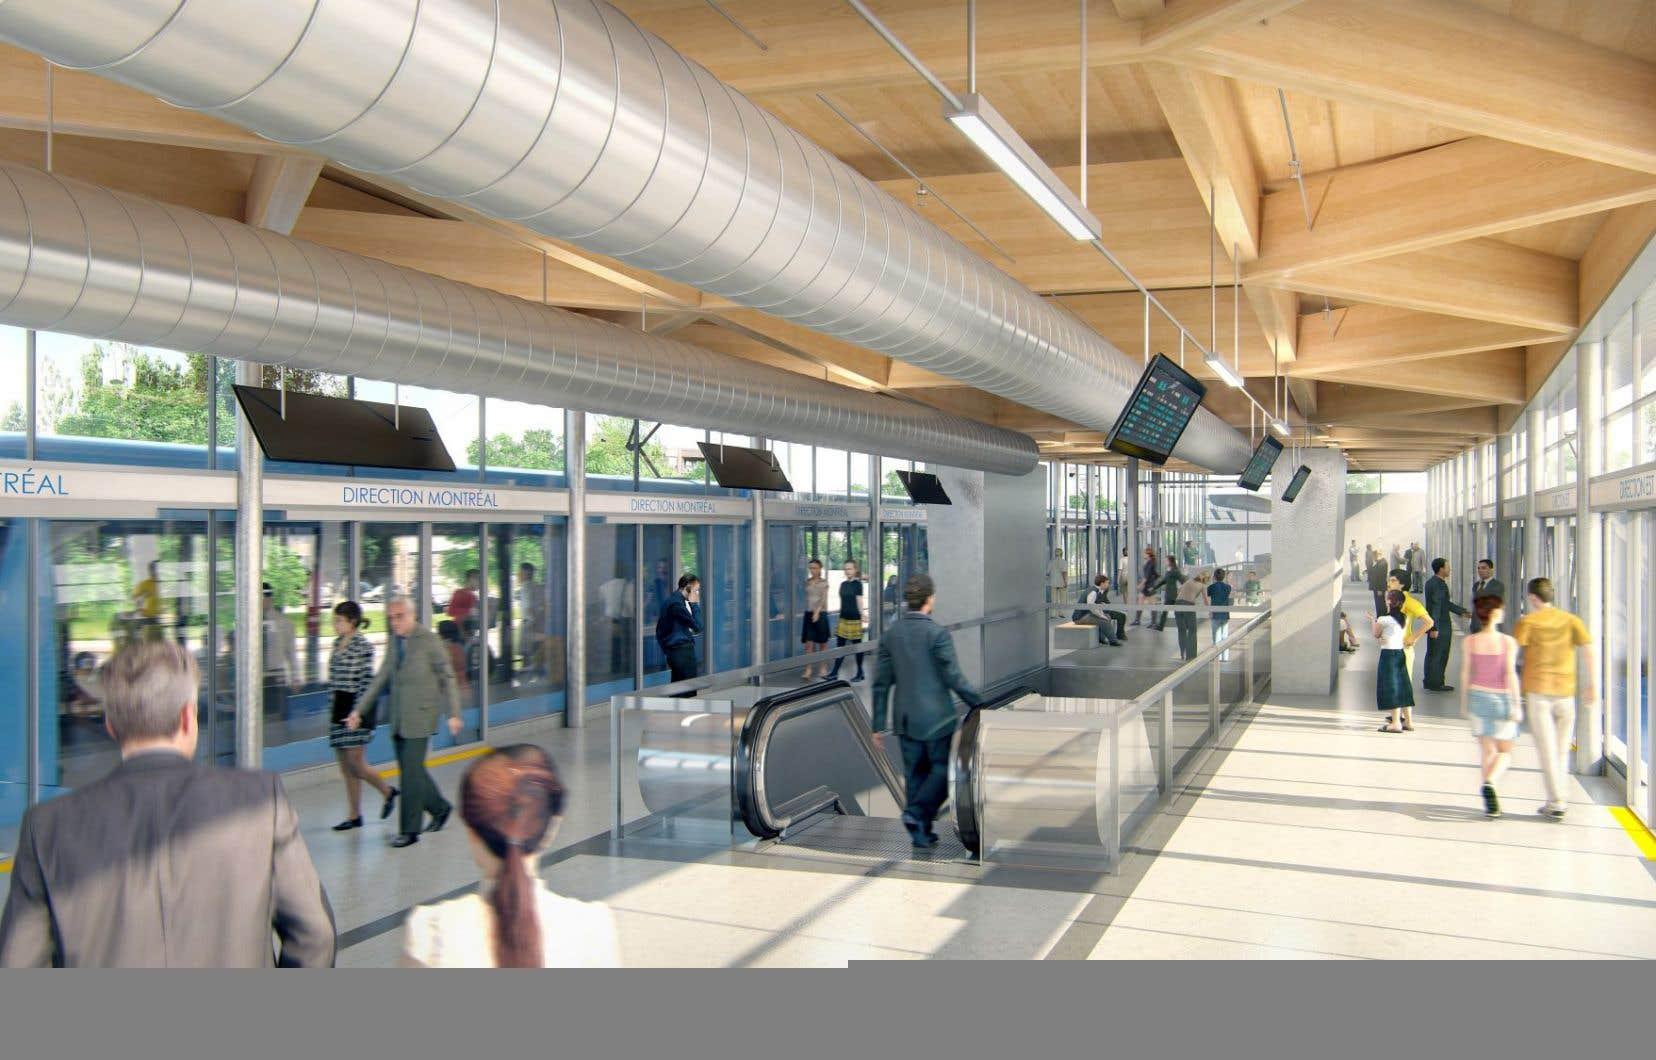 Le projet répond à des besoins en matière de transport en commun dans la région métropolitaine.